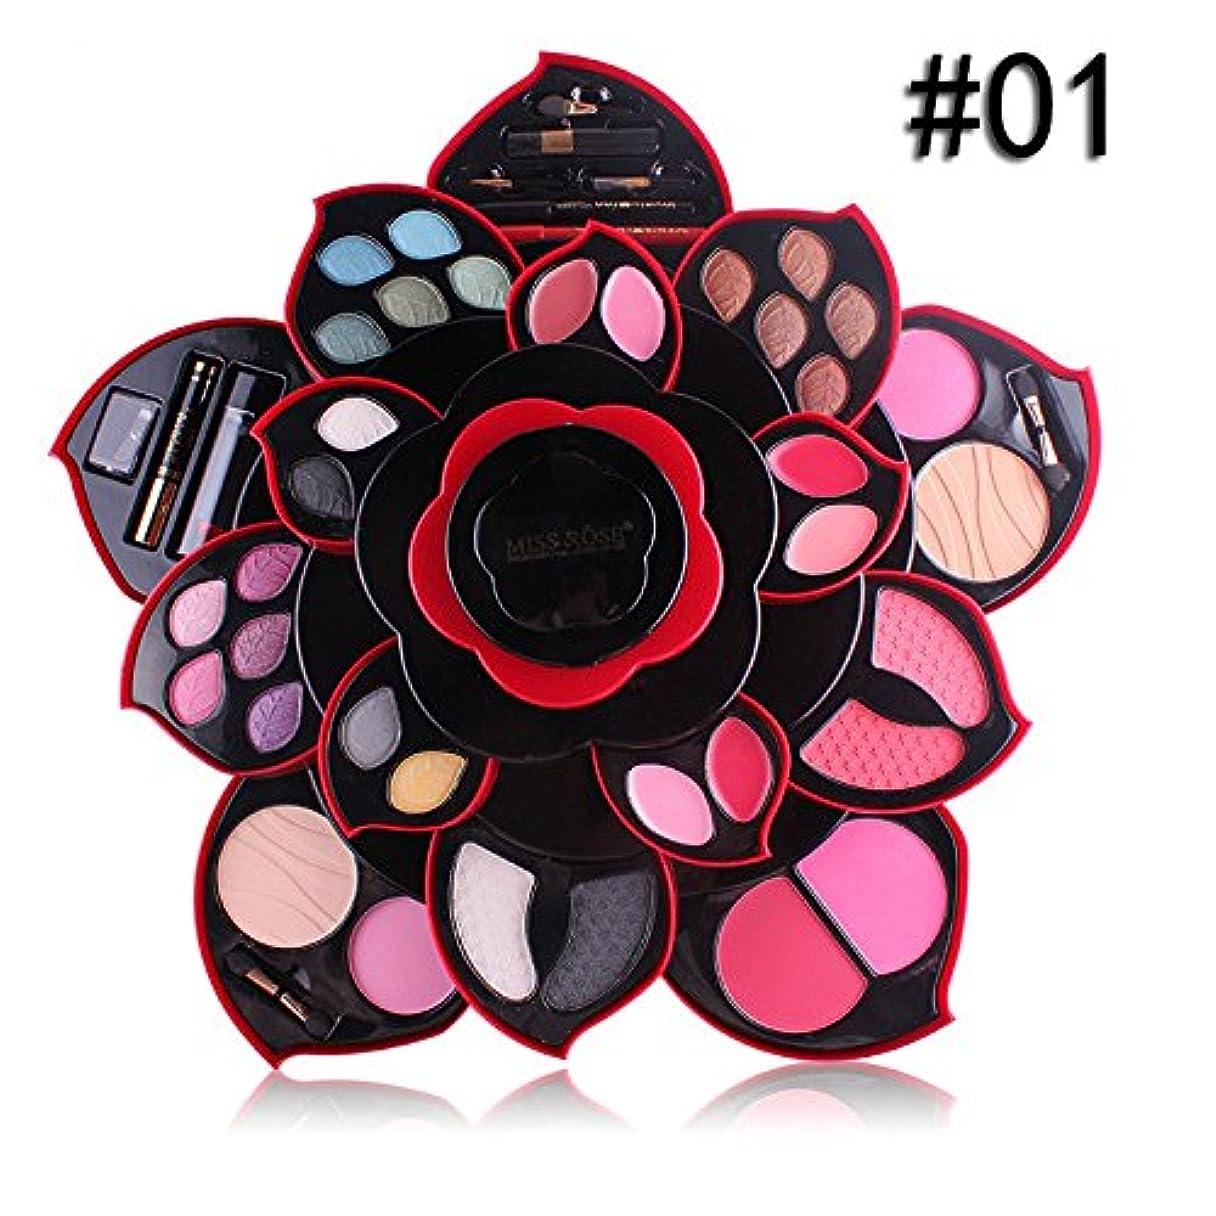 不幸関係するグラスビューティー アイシャドー wwkeiying アイシャドウセット ファッション 23色 梅の花デザイン メイクボックス 回転多機能化粧品 プロ化粧師 メイクの達人 プレゼント (A) (A)